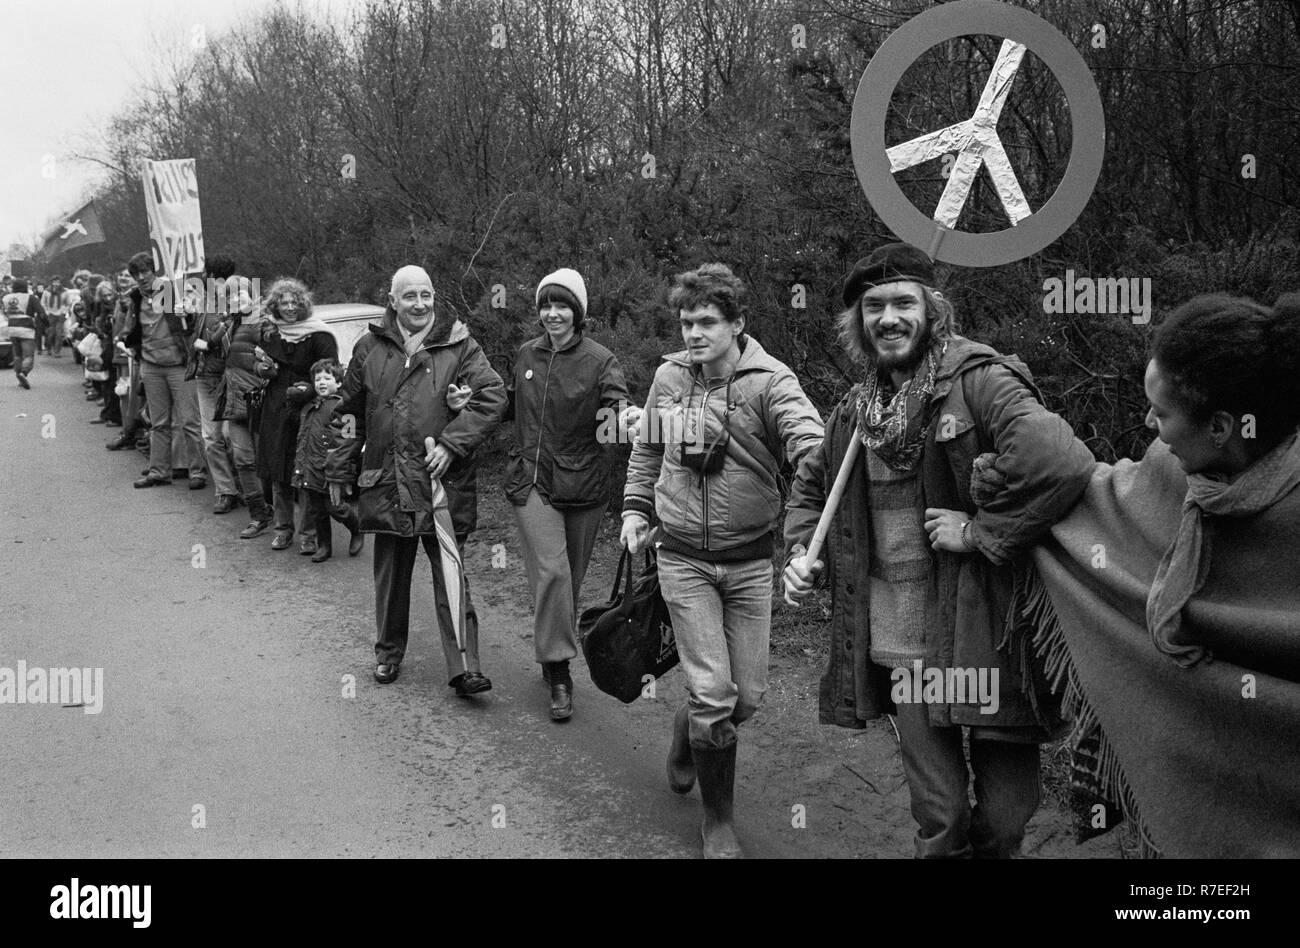 Anti-AKW und CND Unterstützer bilden eine Menschenkette außerhalb Greenham Common US Air Force Base, Berkshire, Karfreitag 1983. Stockbild